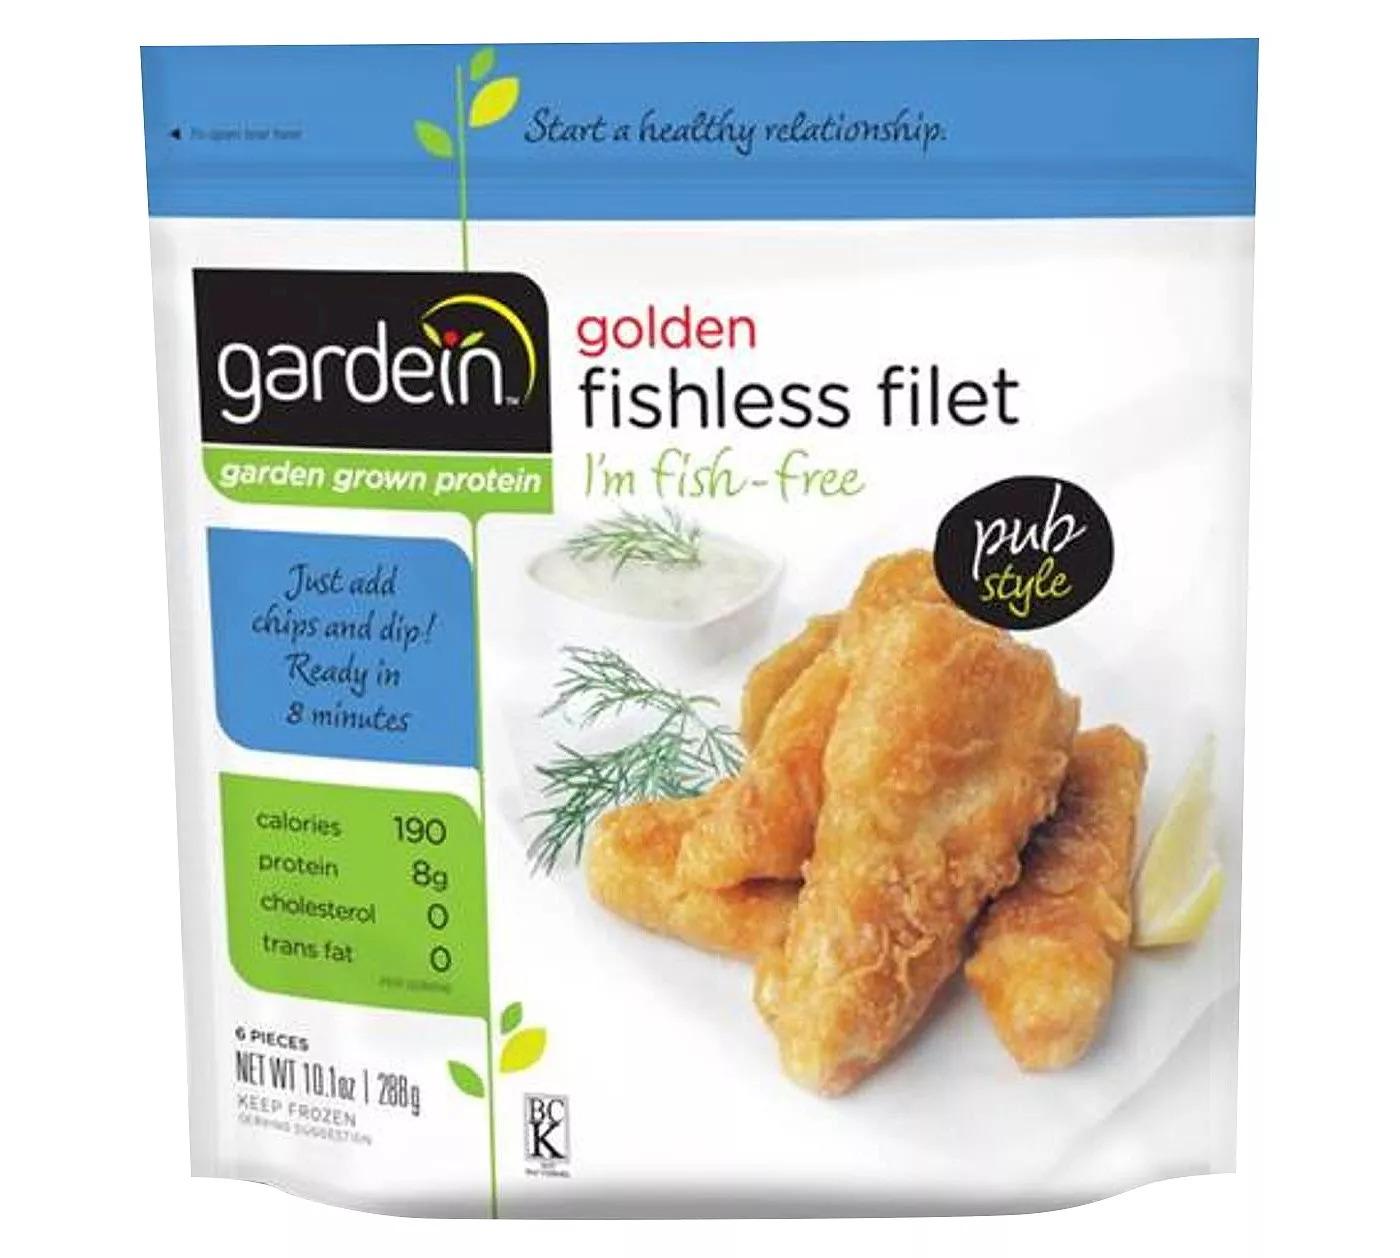 Gardein Golden Frozen Fishless Filet